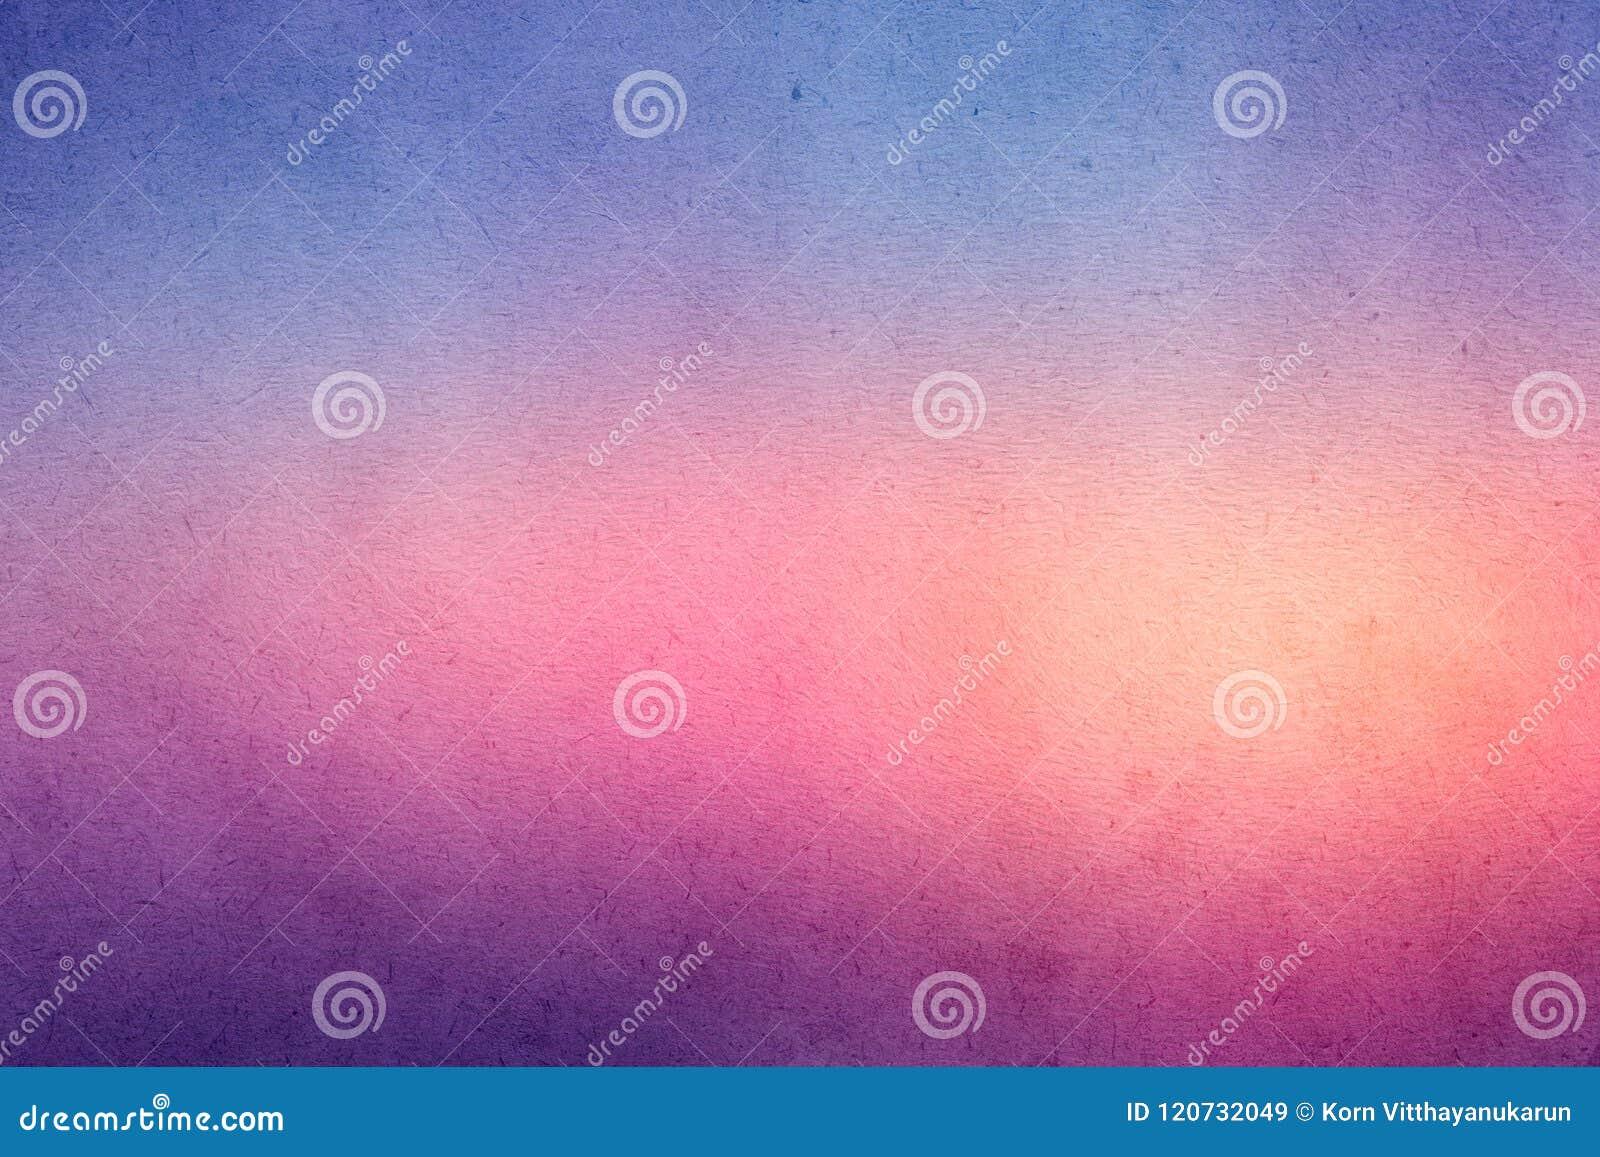 Kolorowa gradientowa akwareli farba na starym papierze z zbożowego smudge brudną teksturą